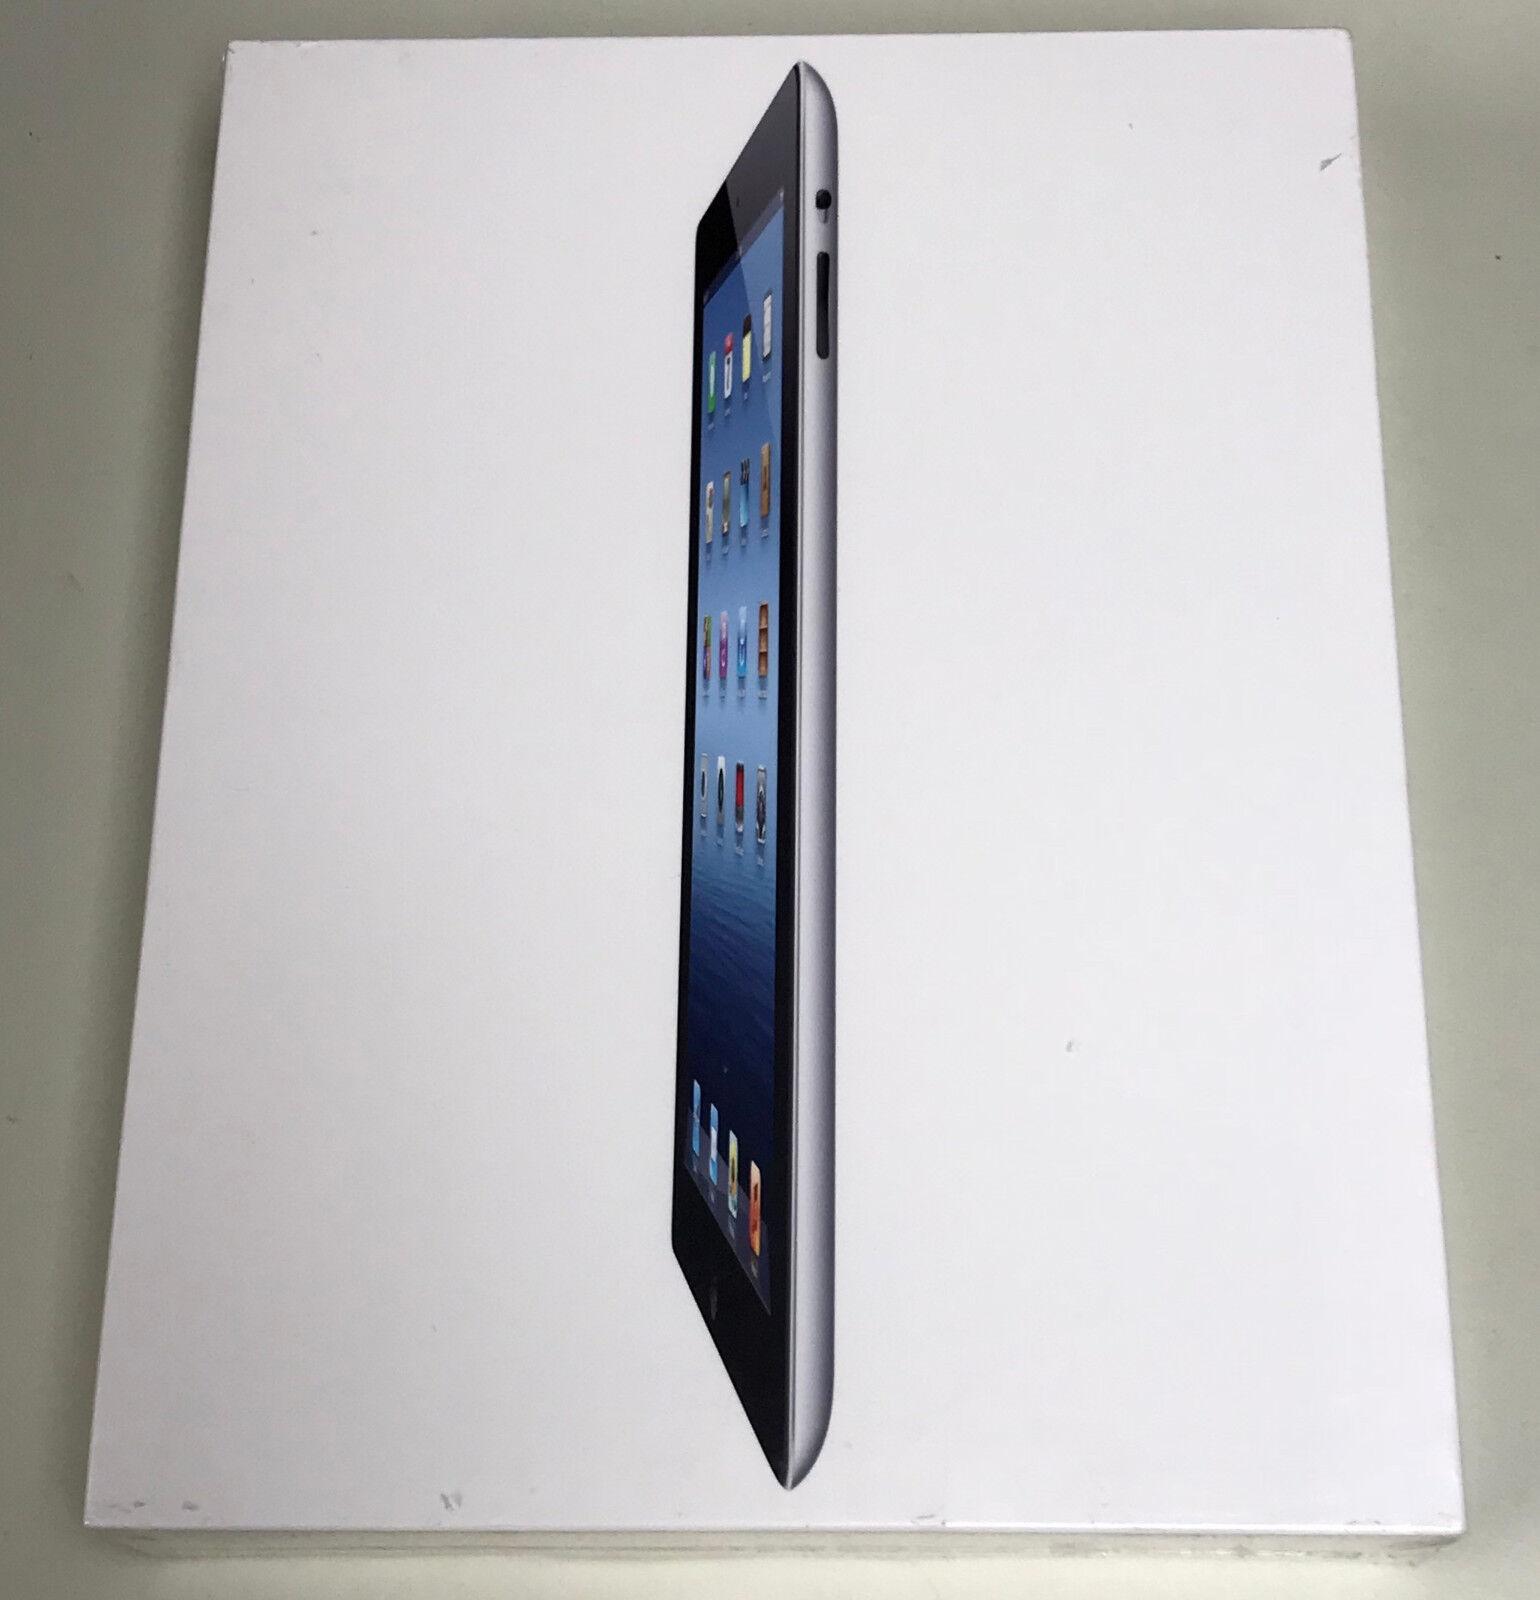 Apple ipad 3rd gen 32gb wi fi 97in black ebay resntentobalflowflowcomponentncel fandeluxe Images